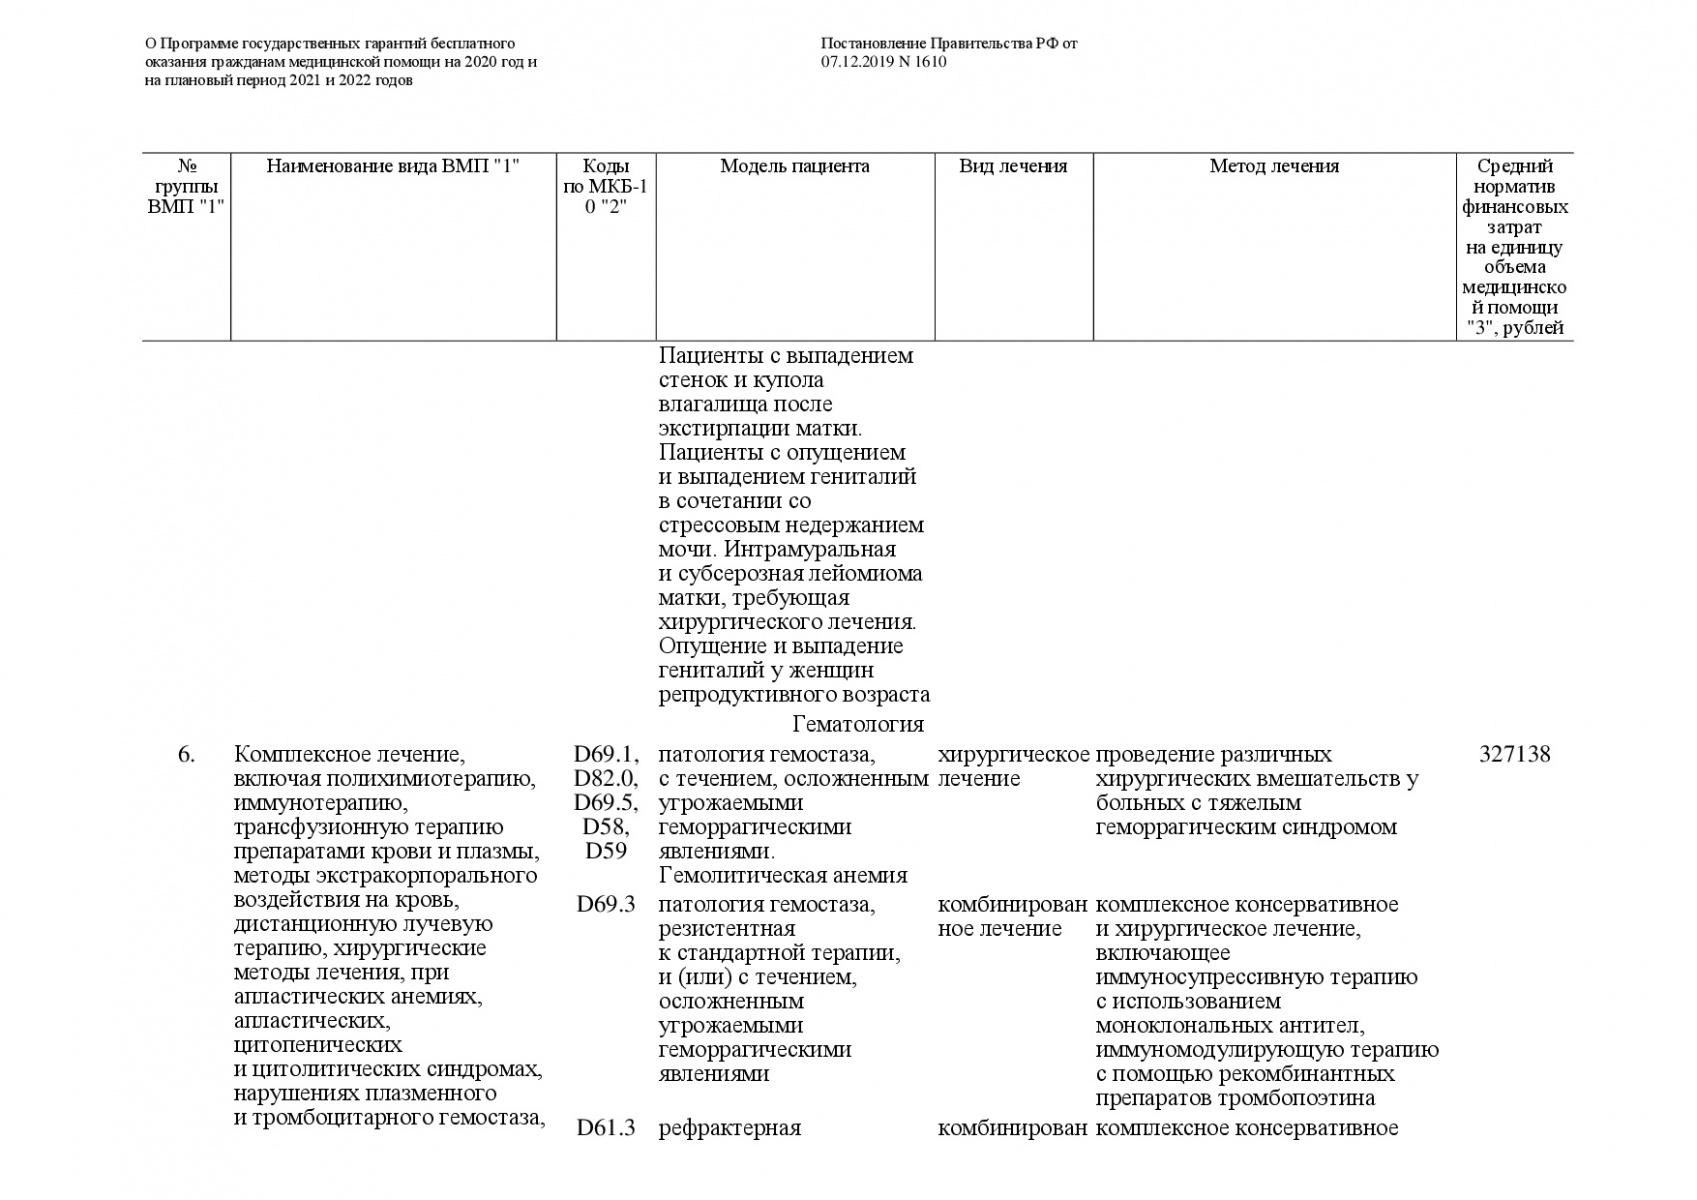 Postanovlenie-Pravitelstva-RF-ot-07_12_2019-1610-O-PGG-146